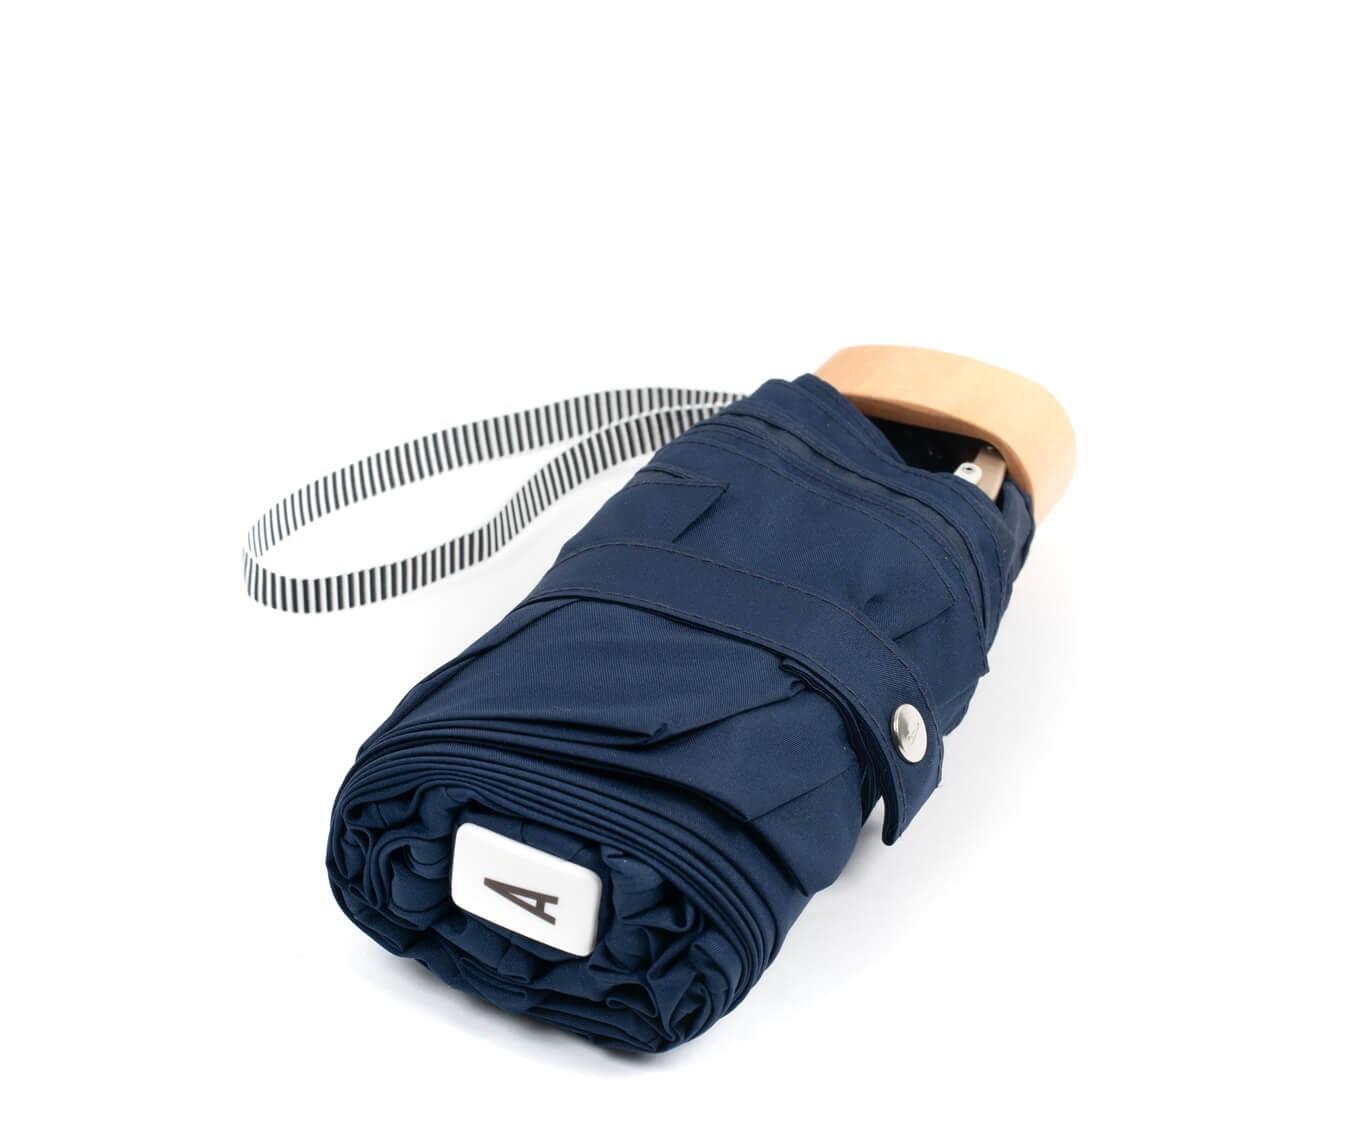 Parapluie pliant bleu marine - Anatole